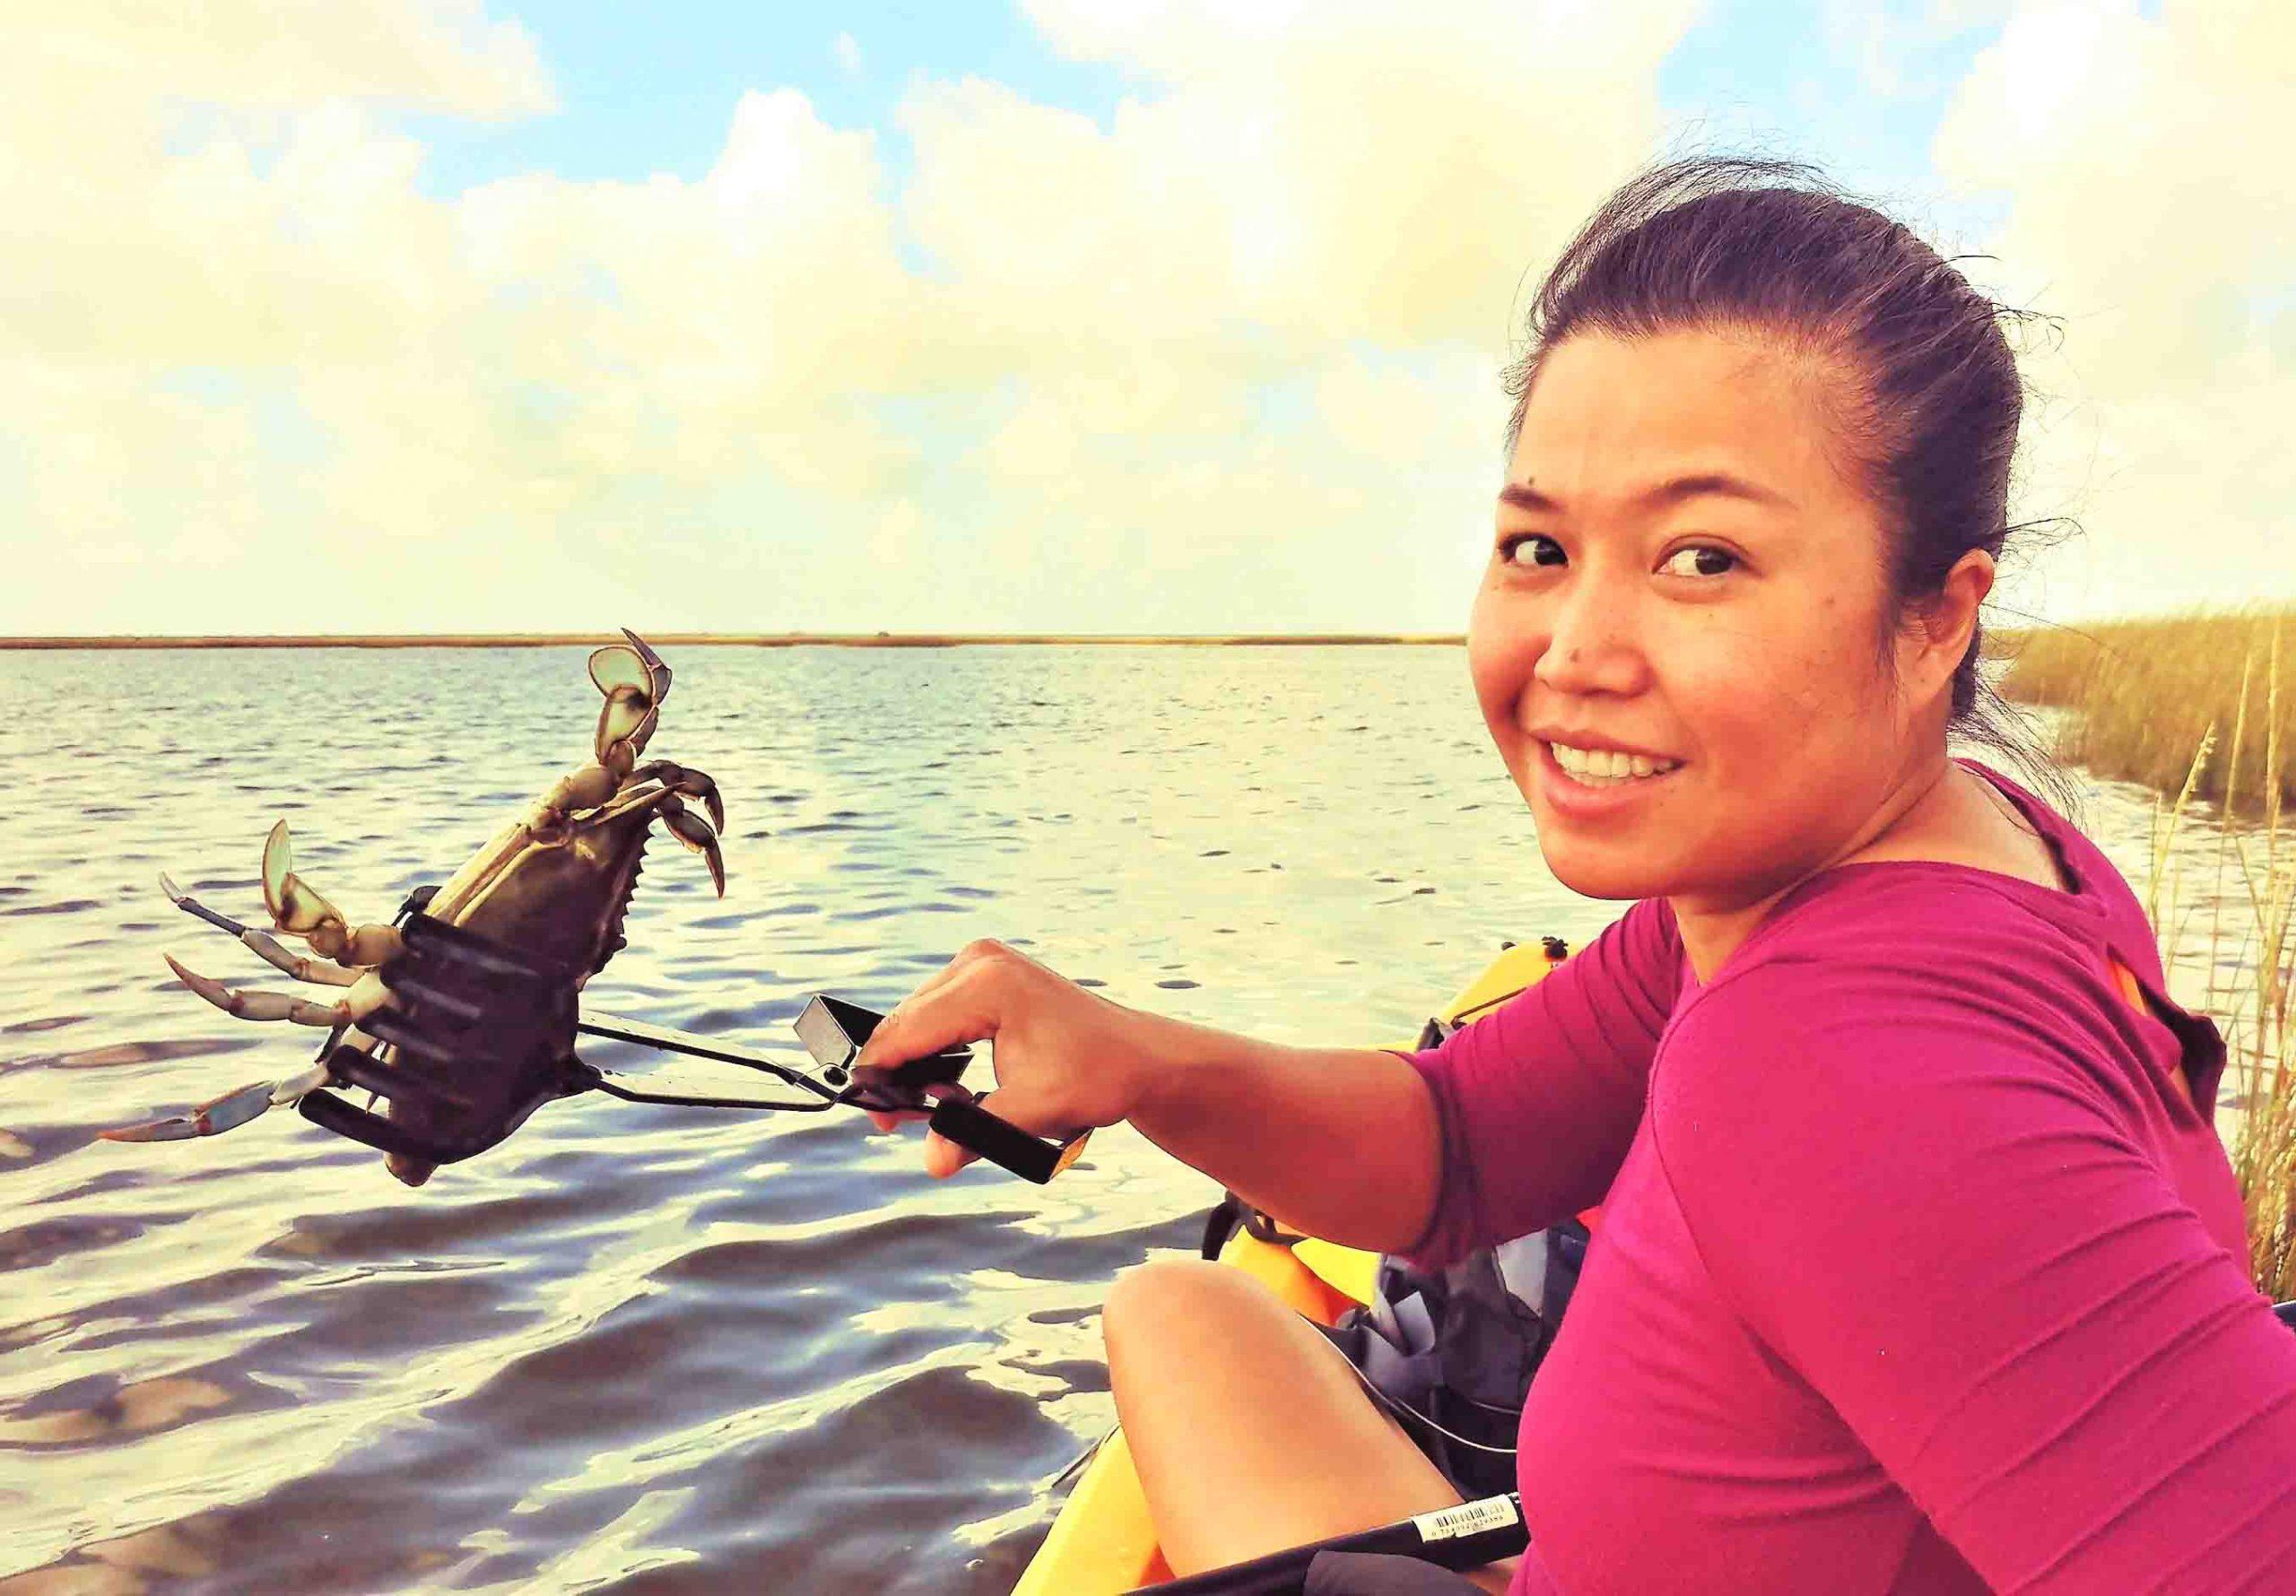 Mod Crabbing for Blue Crab, Galveston Texas